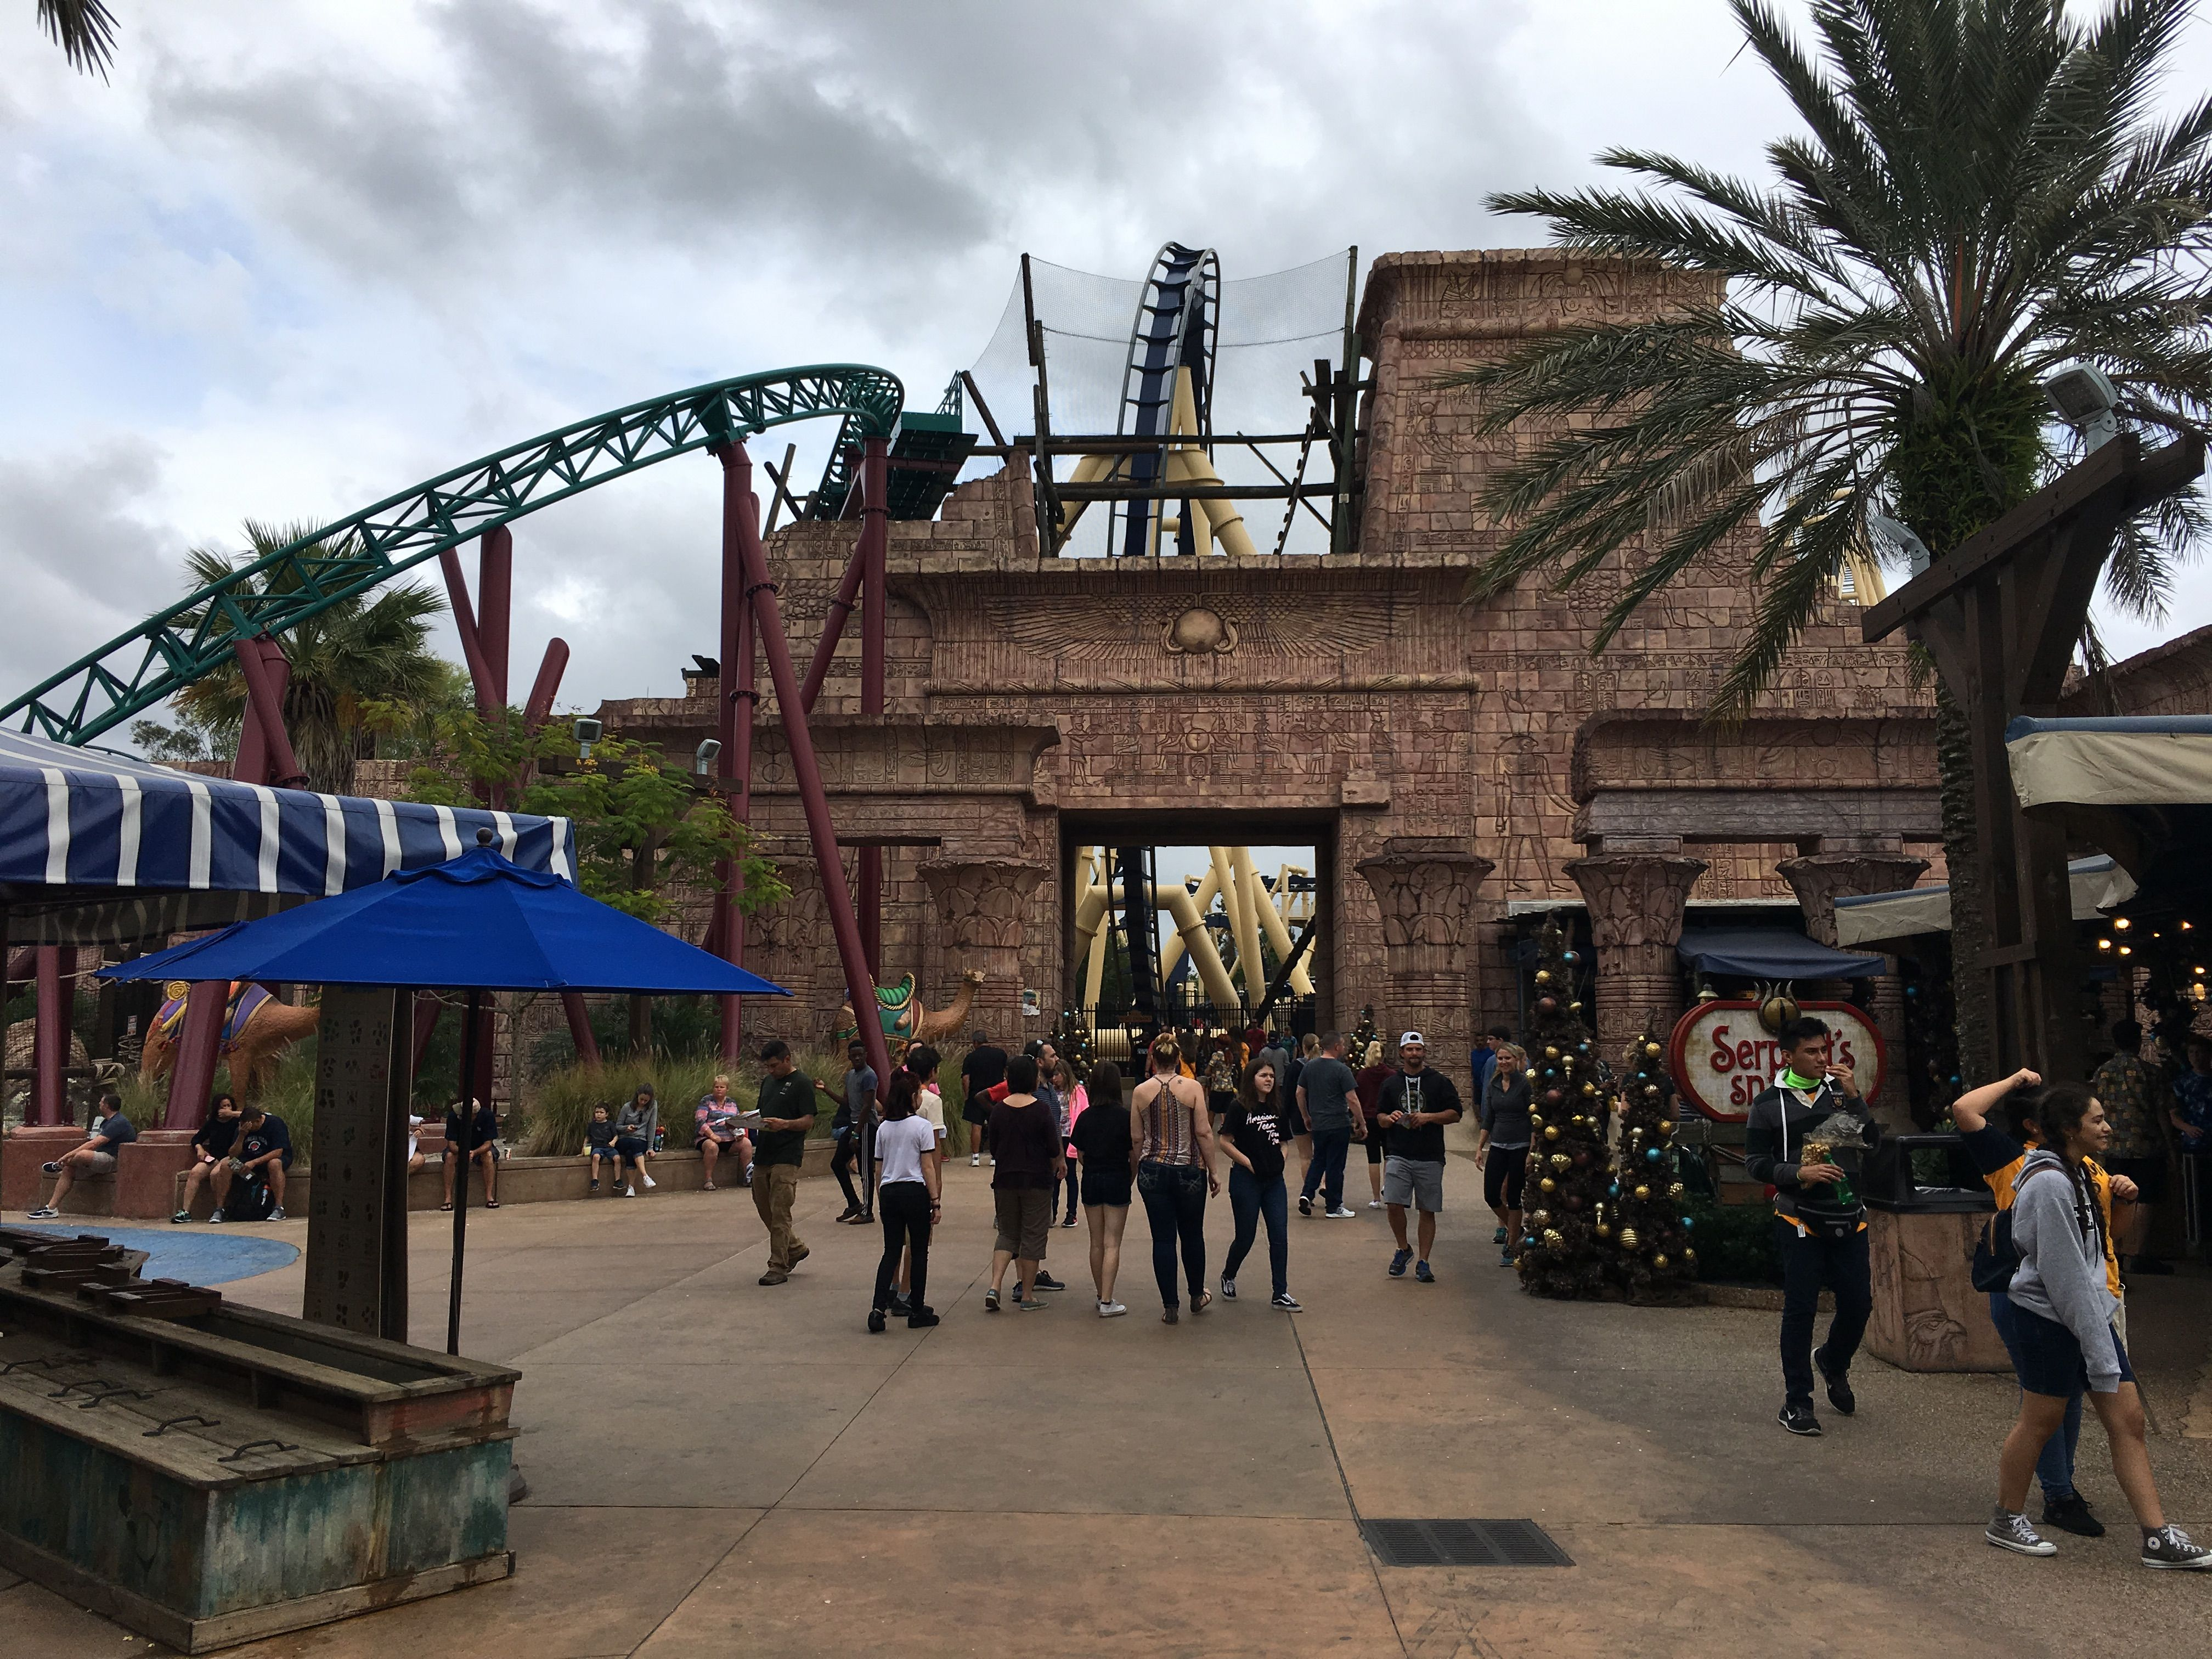 97bac304da8f92058c53db0ce7db049a - How Busy Is Busch Gardens On Thanksgiving